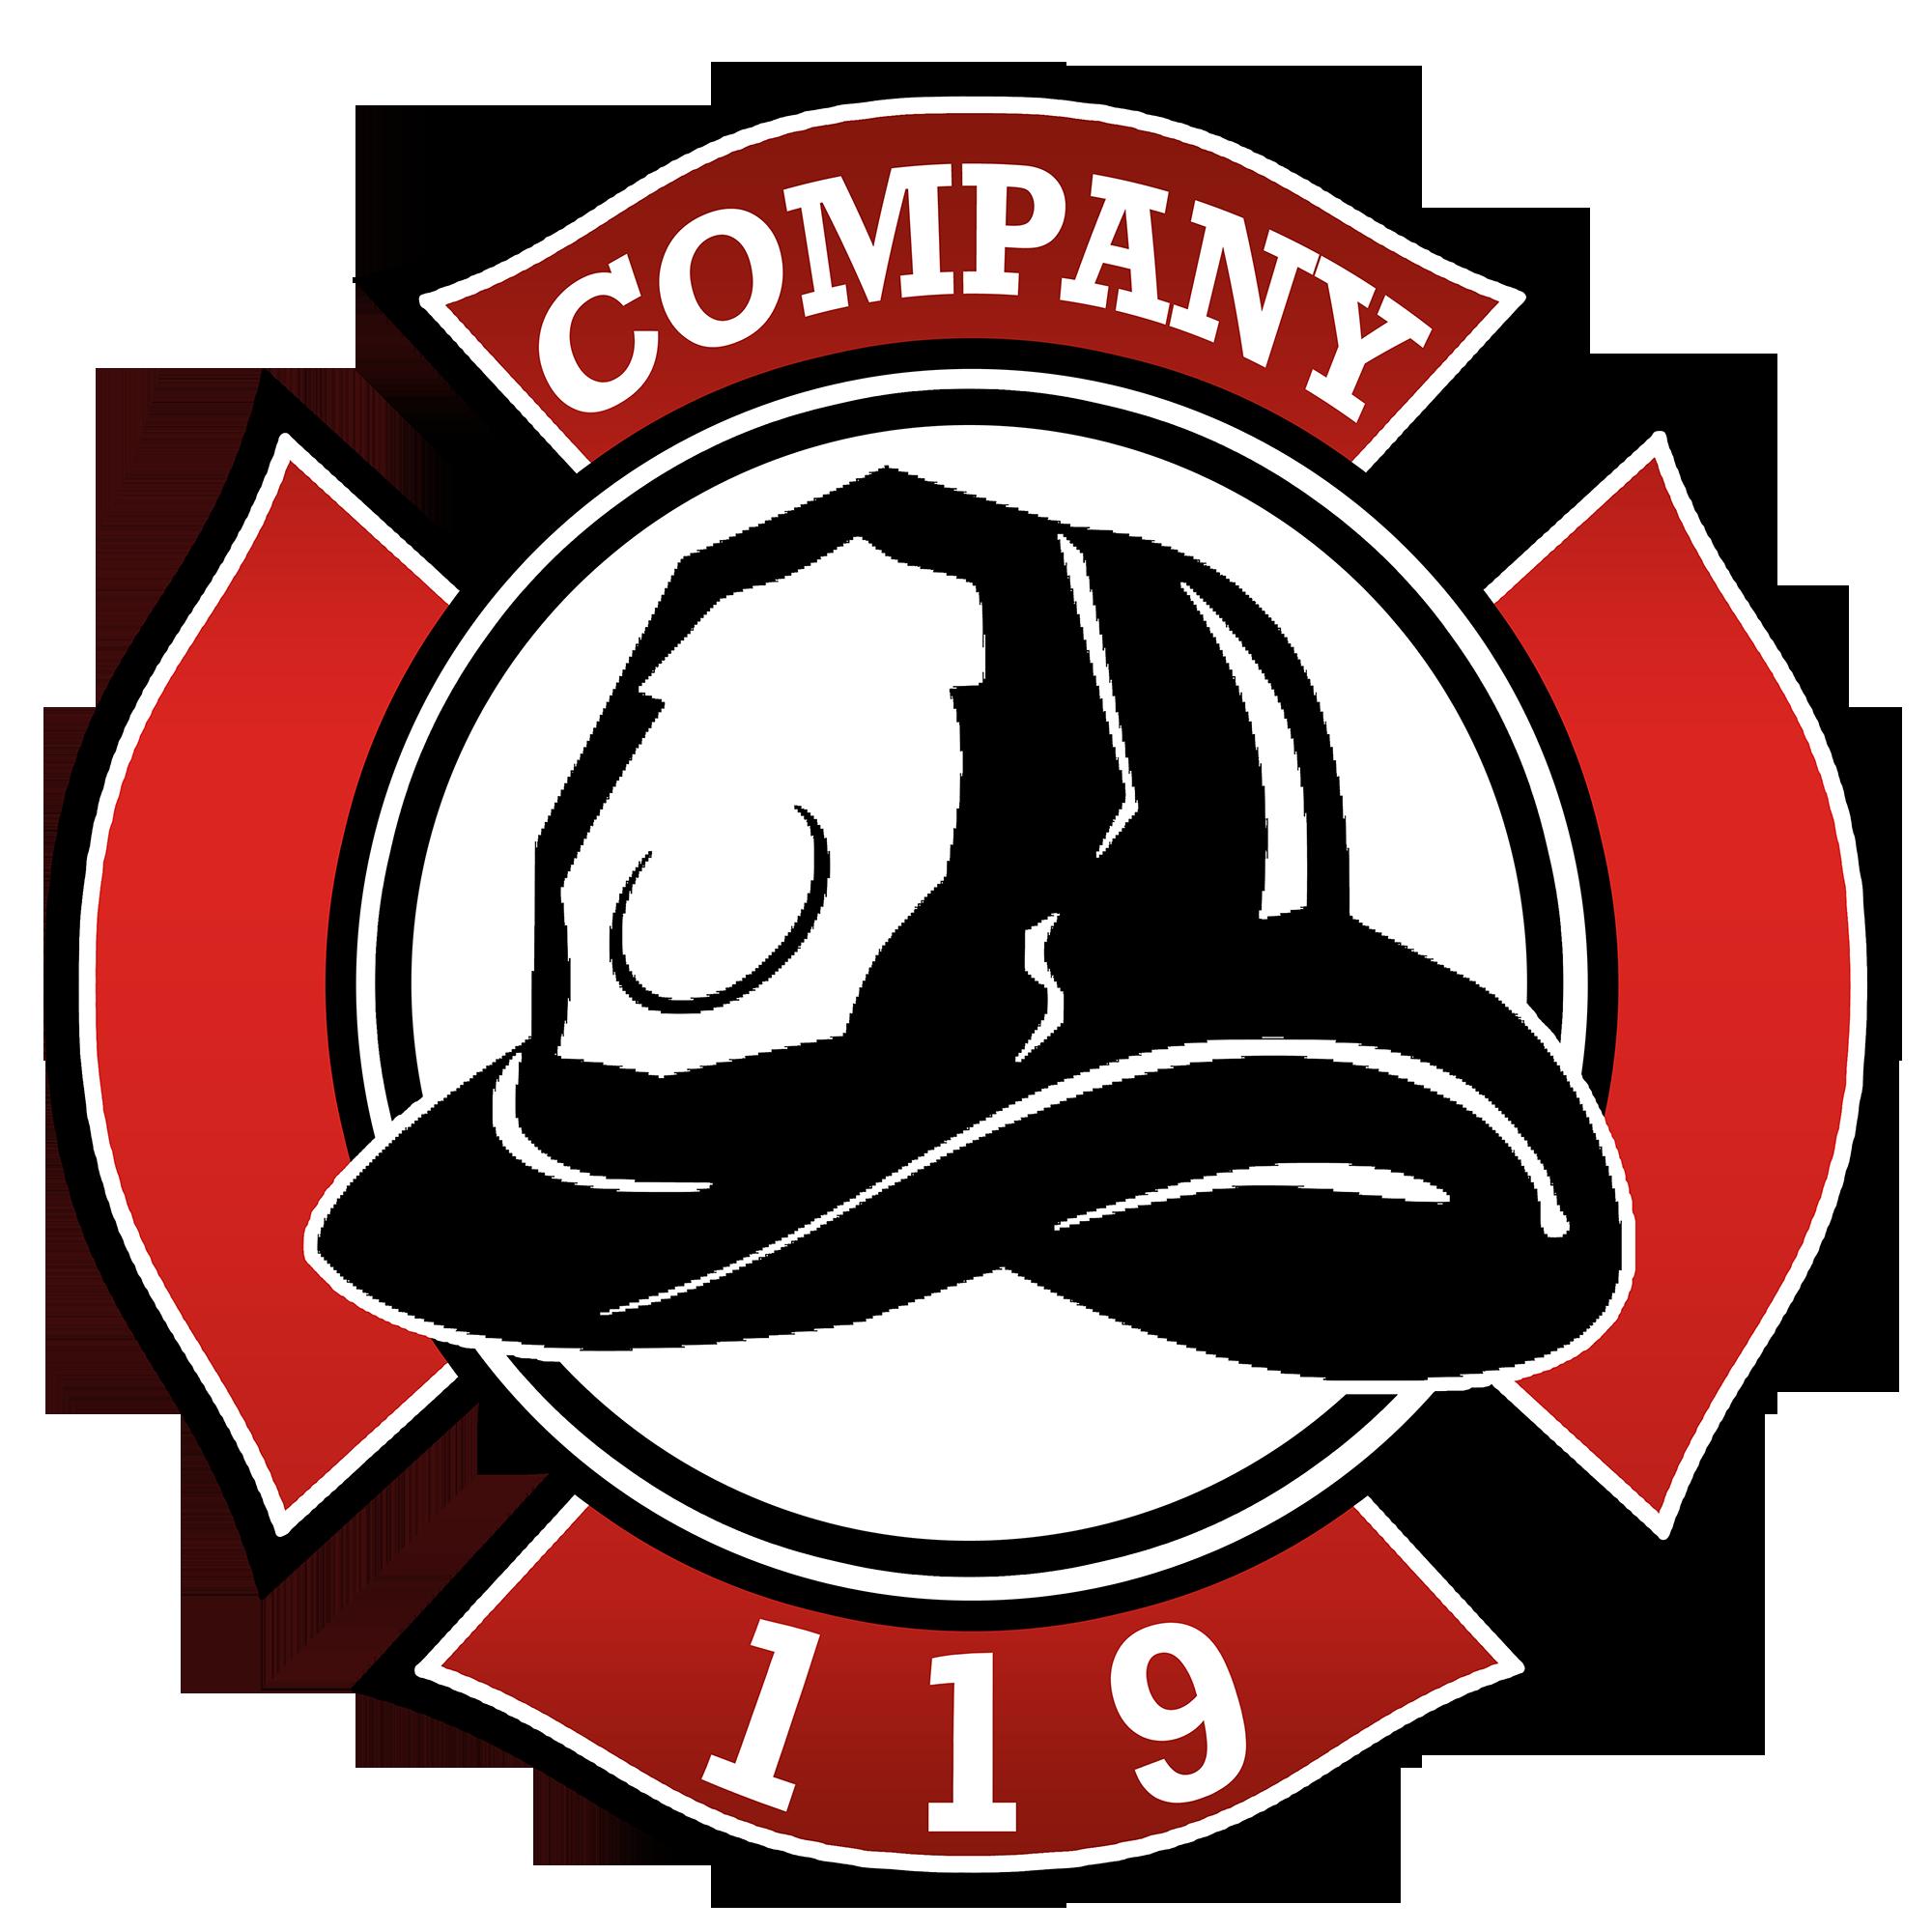 Company 119